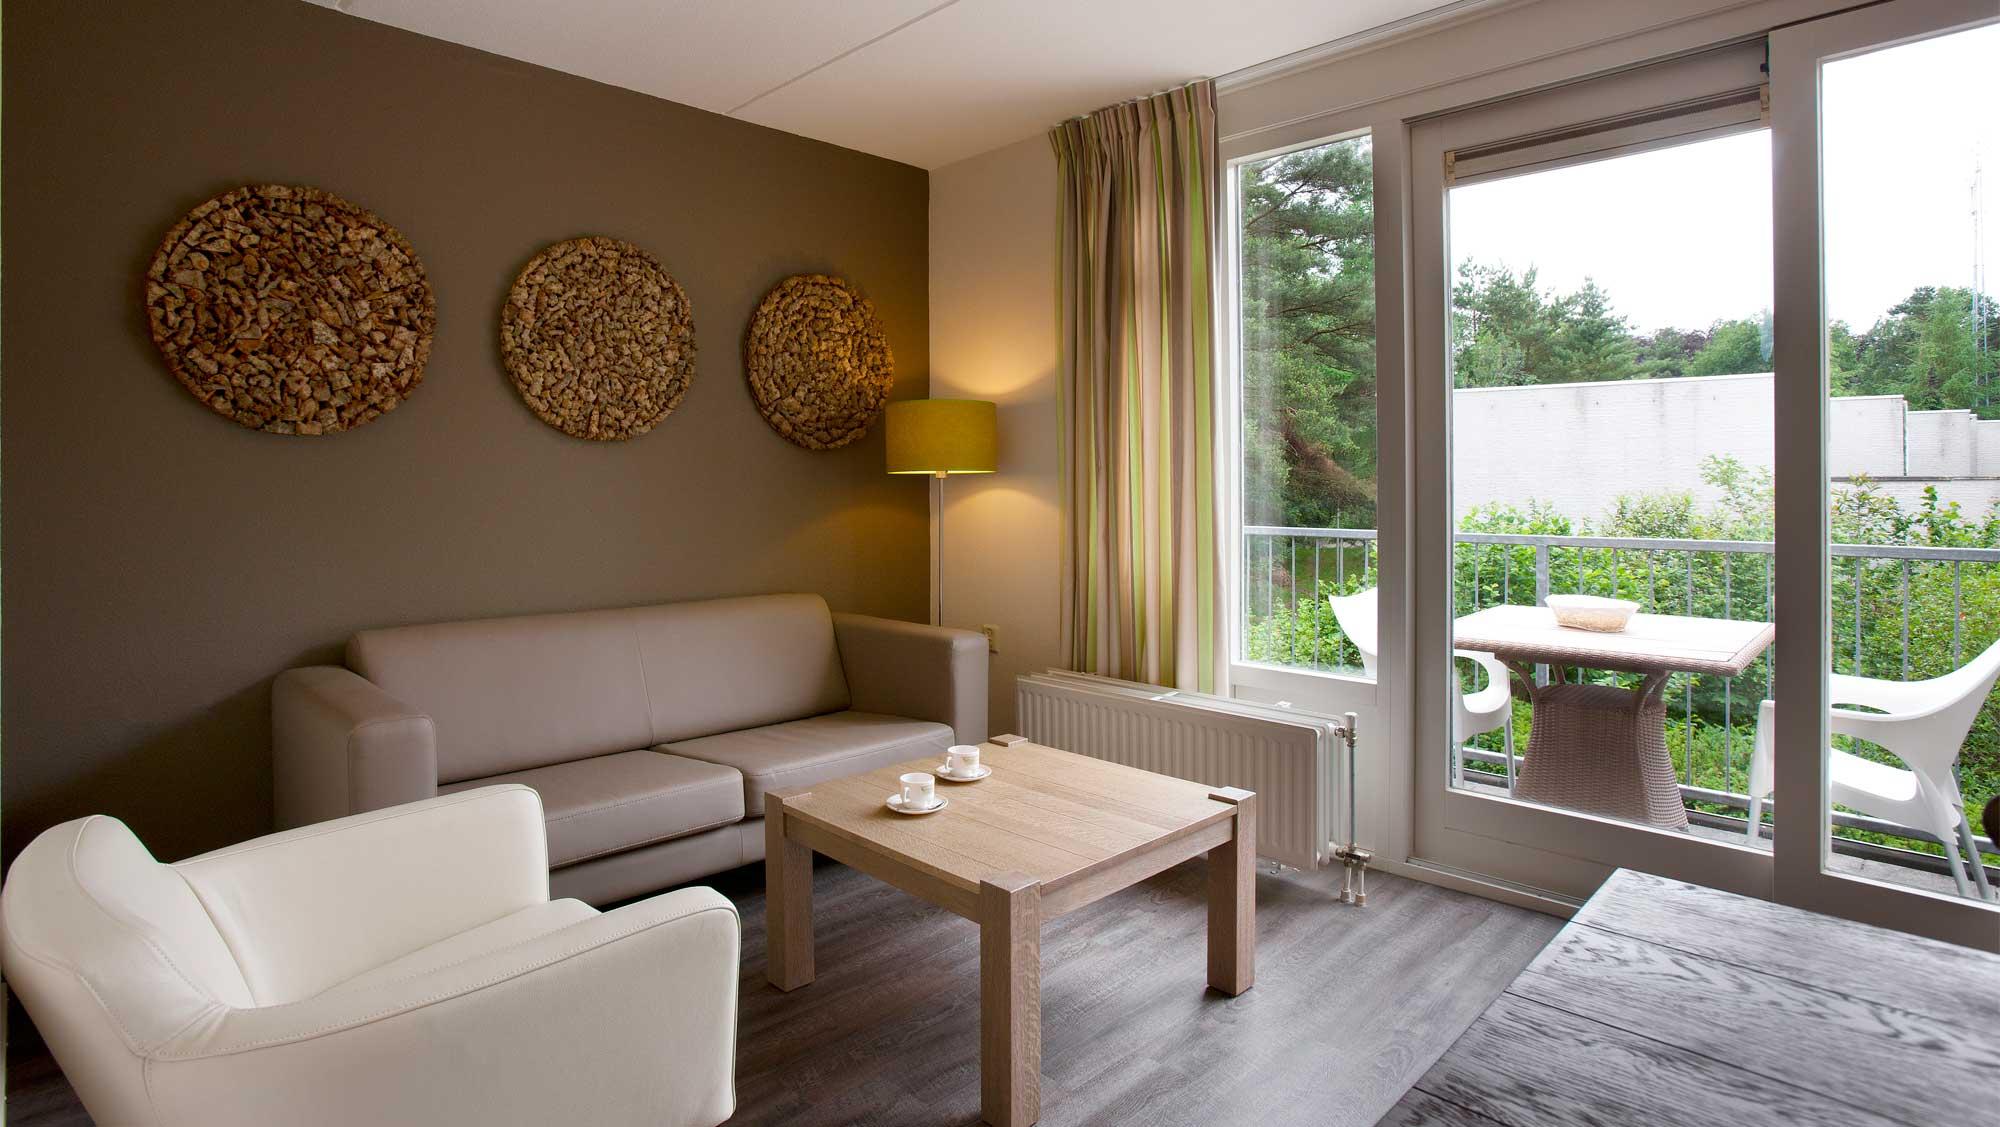 Interieur De Luxe Appartement 2 persoons appartement met sauna op landgoed ginkelduin